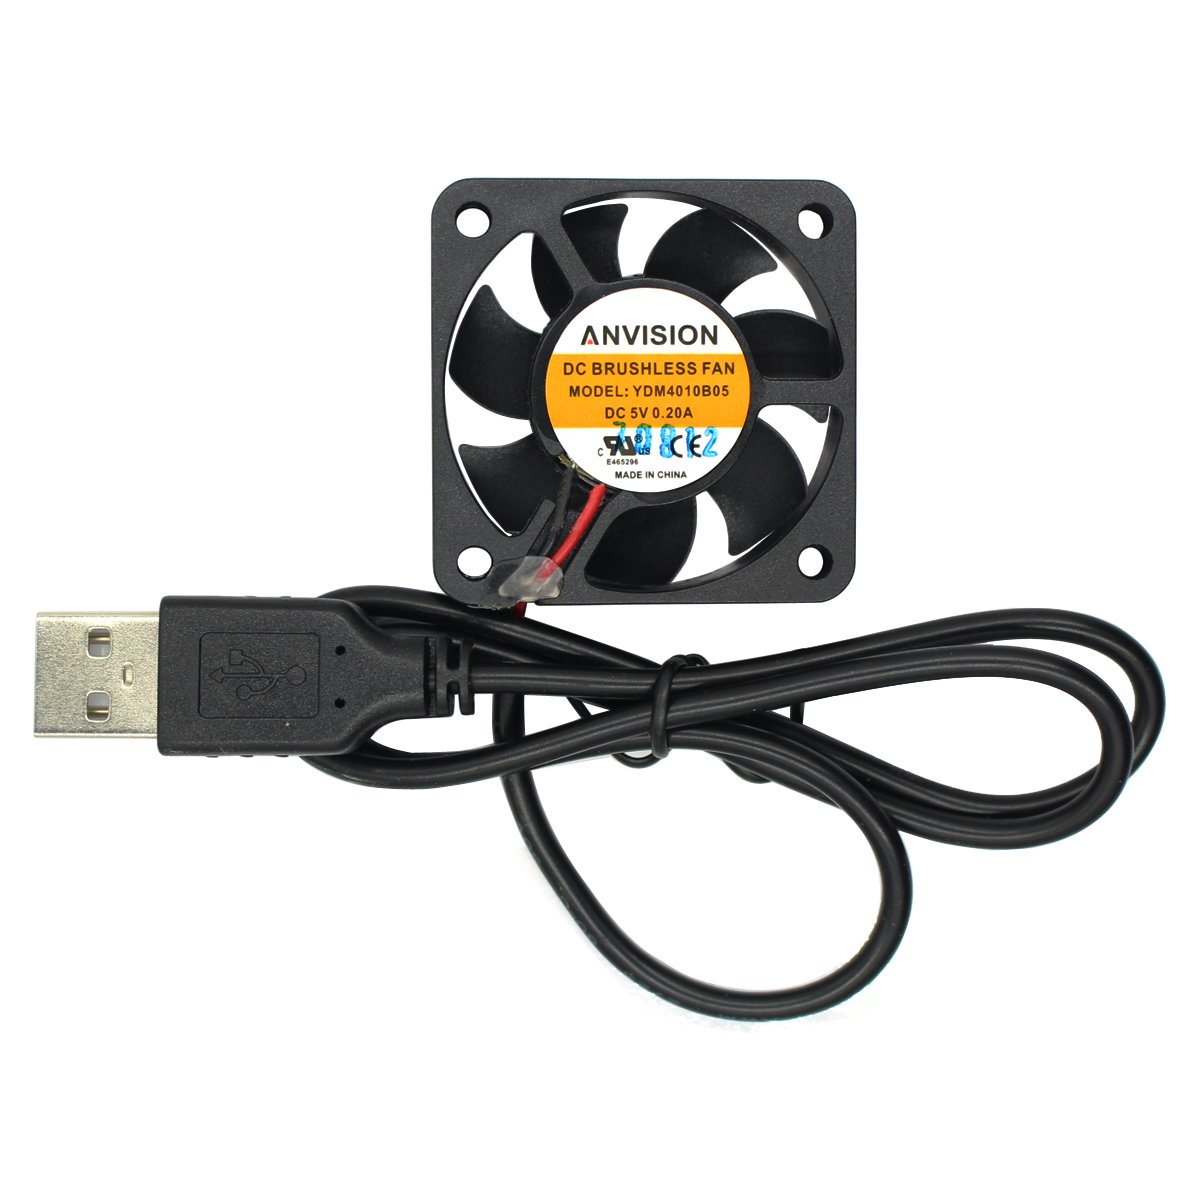 ANVISION 40mm x 10mm DC 5V USB Brushless Cooling Fan, Dual Ball Bearing, YDM4010B05